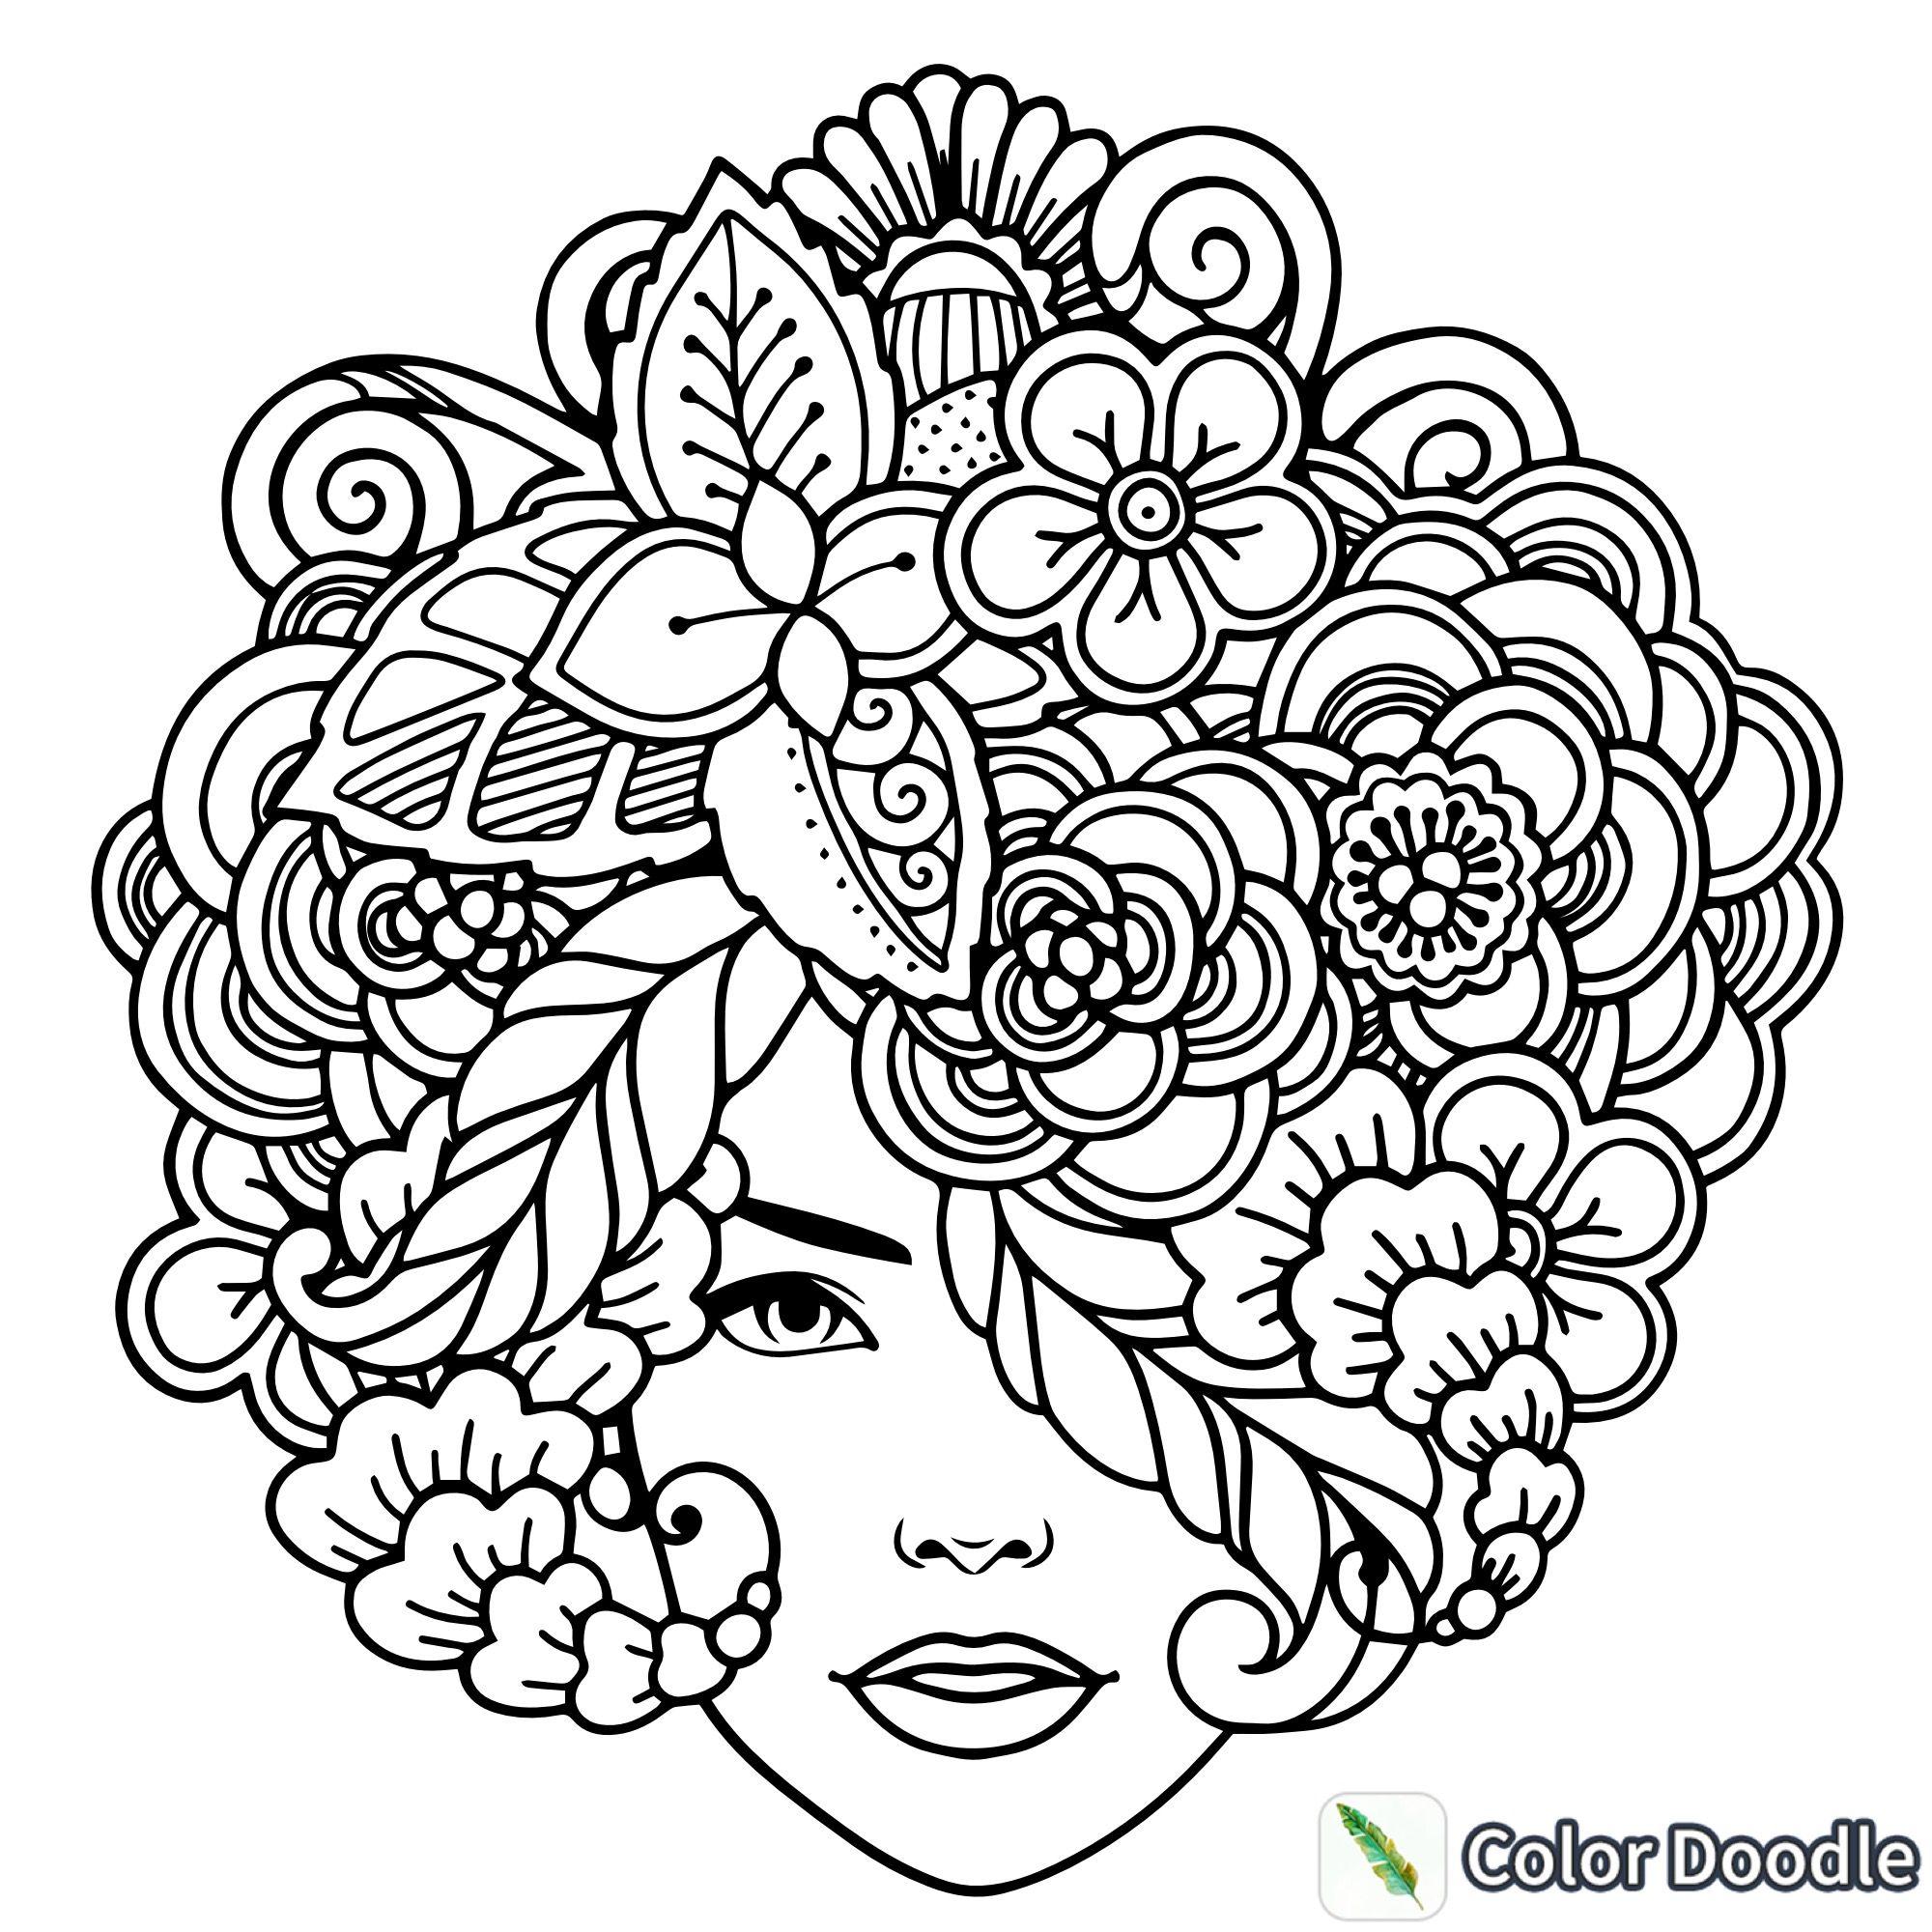 Pin de Deborah Keeton en Coloring pages | Pinterest | Colorear ...